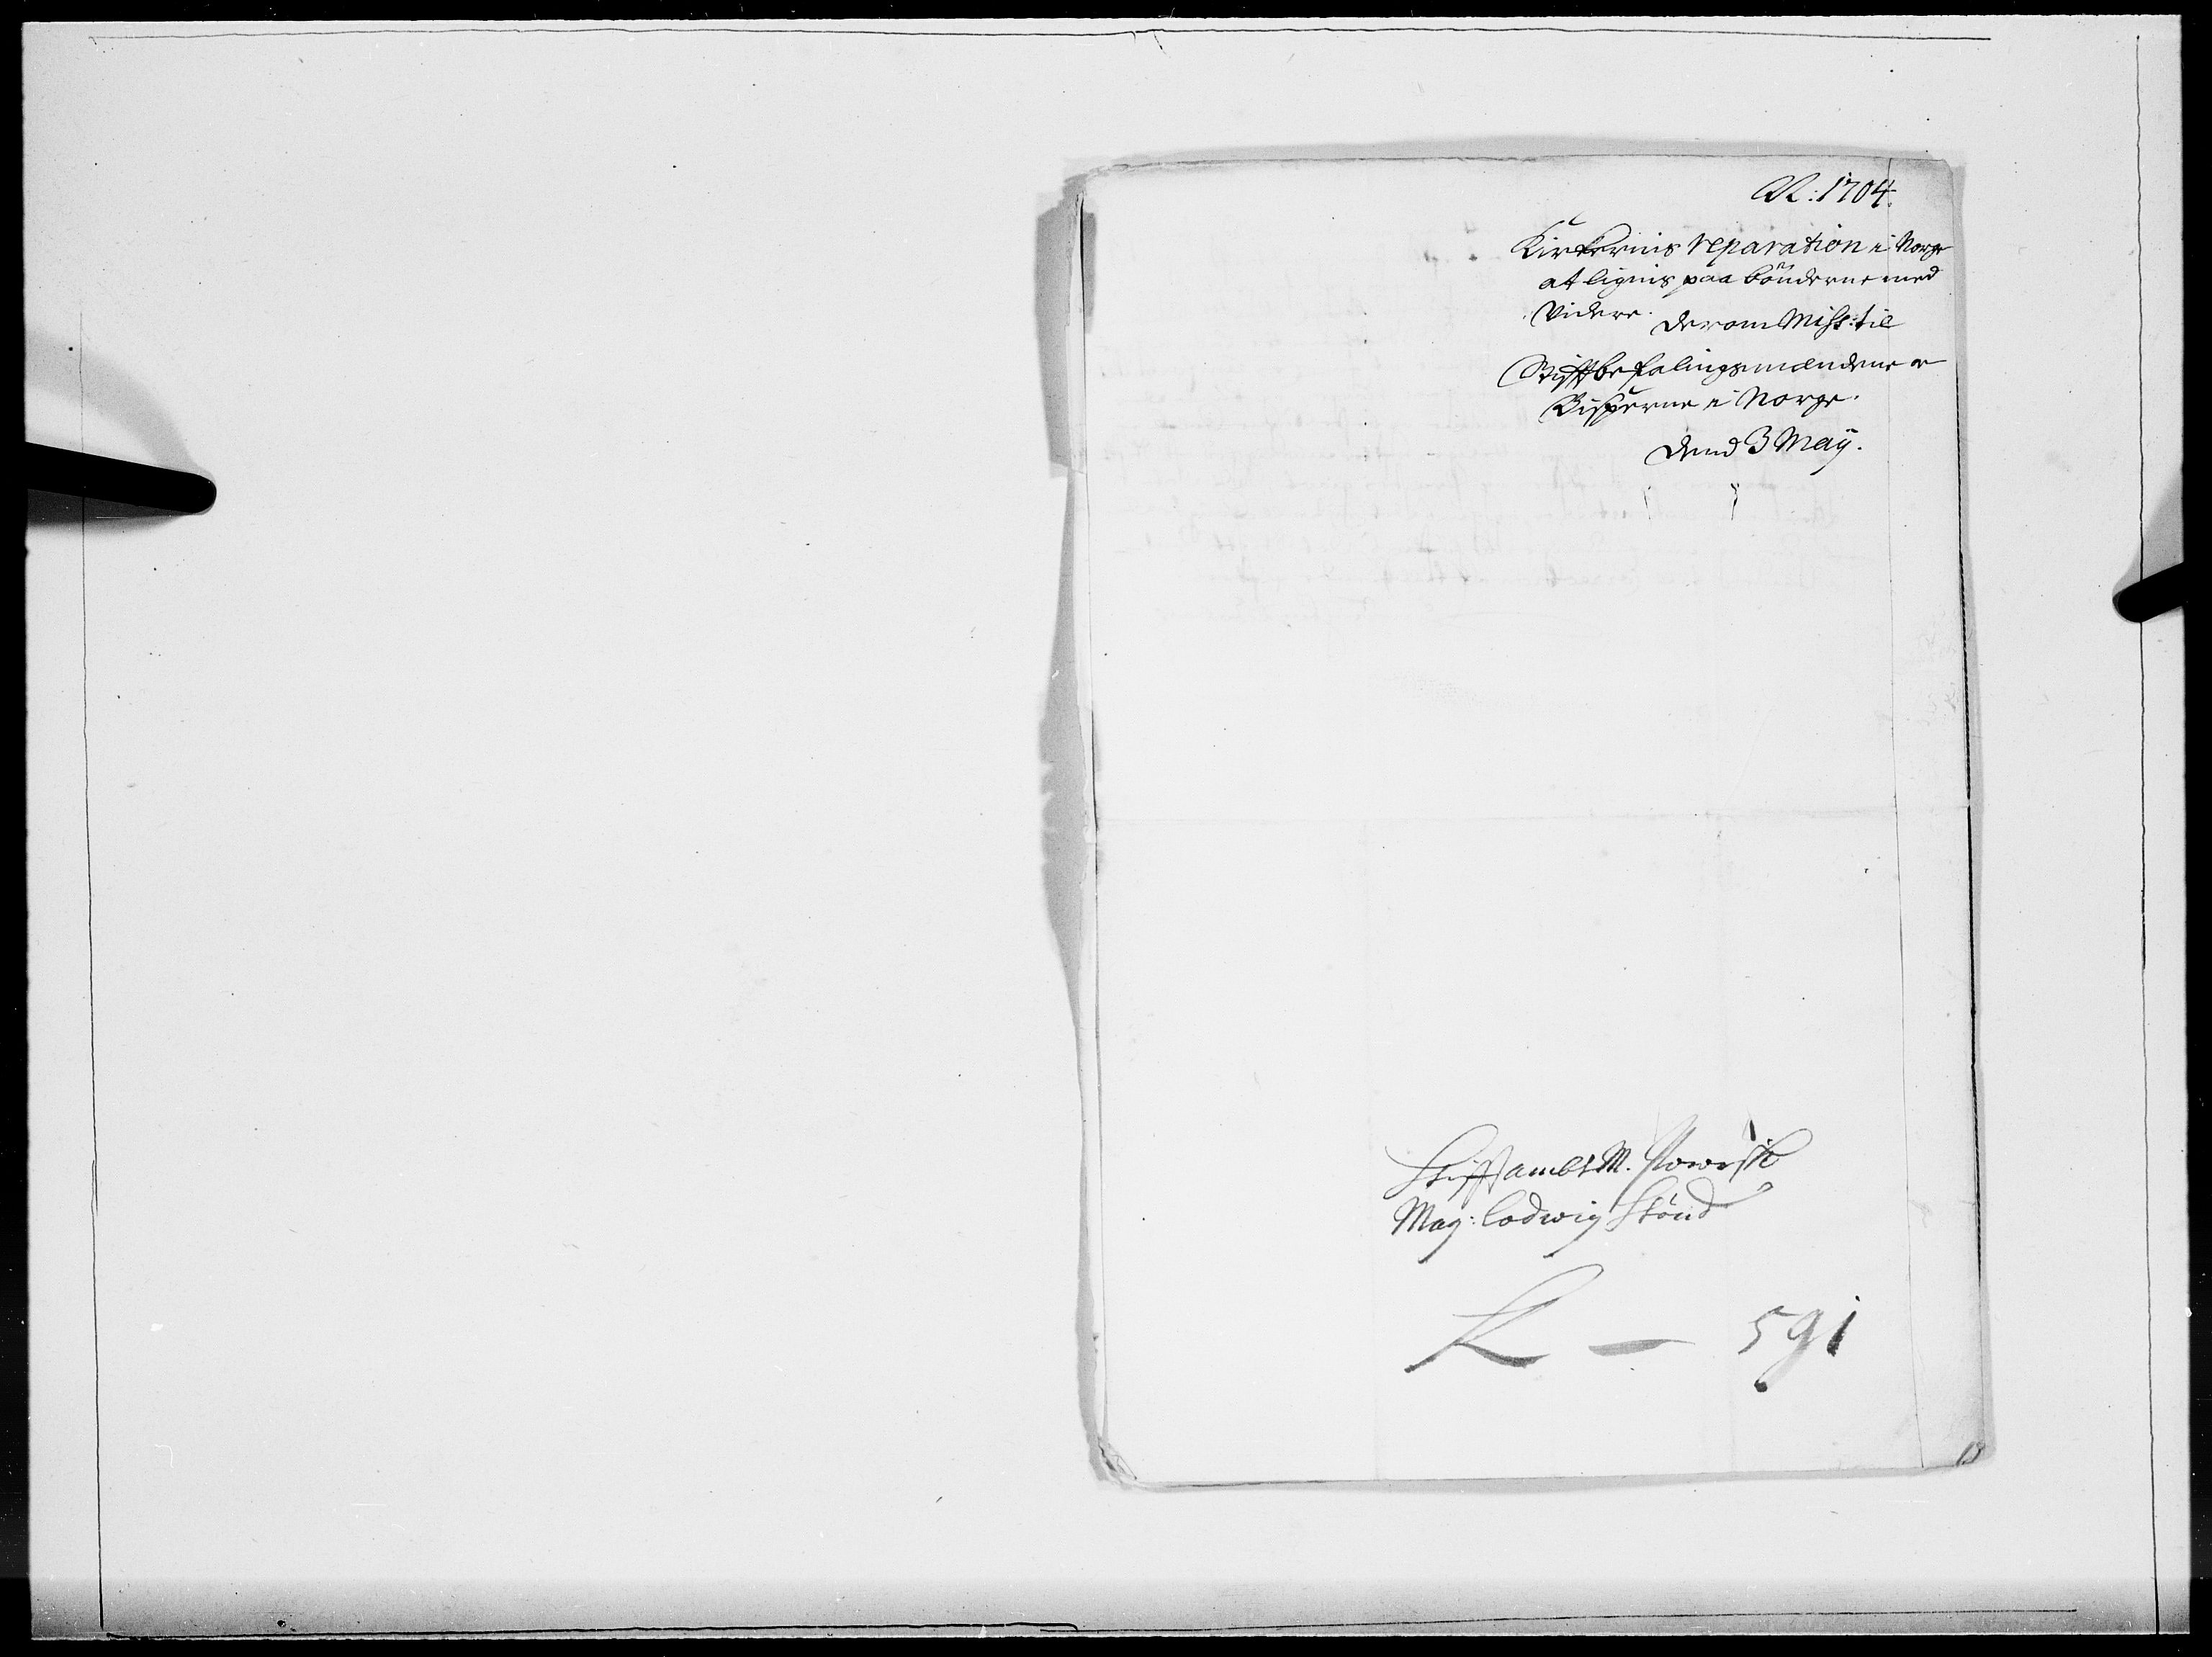 RA, Danske Kanselli 1572-1799, F/Fc/Fcc/Fcca/L0057: Norske innlegg 1572-1799, 1704, s. 2